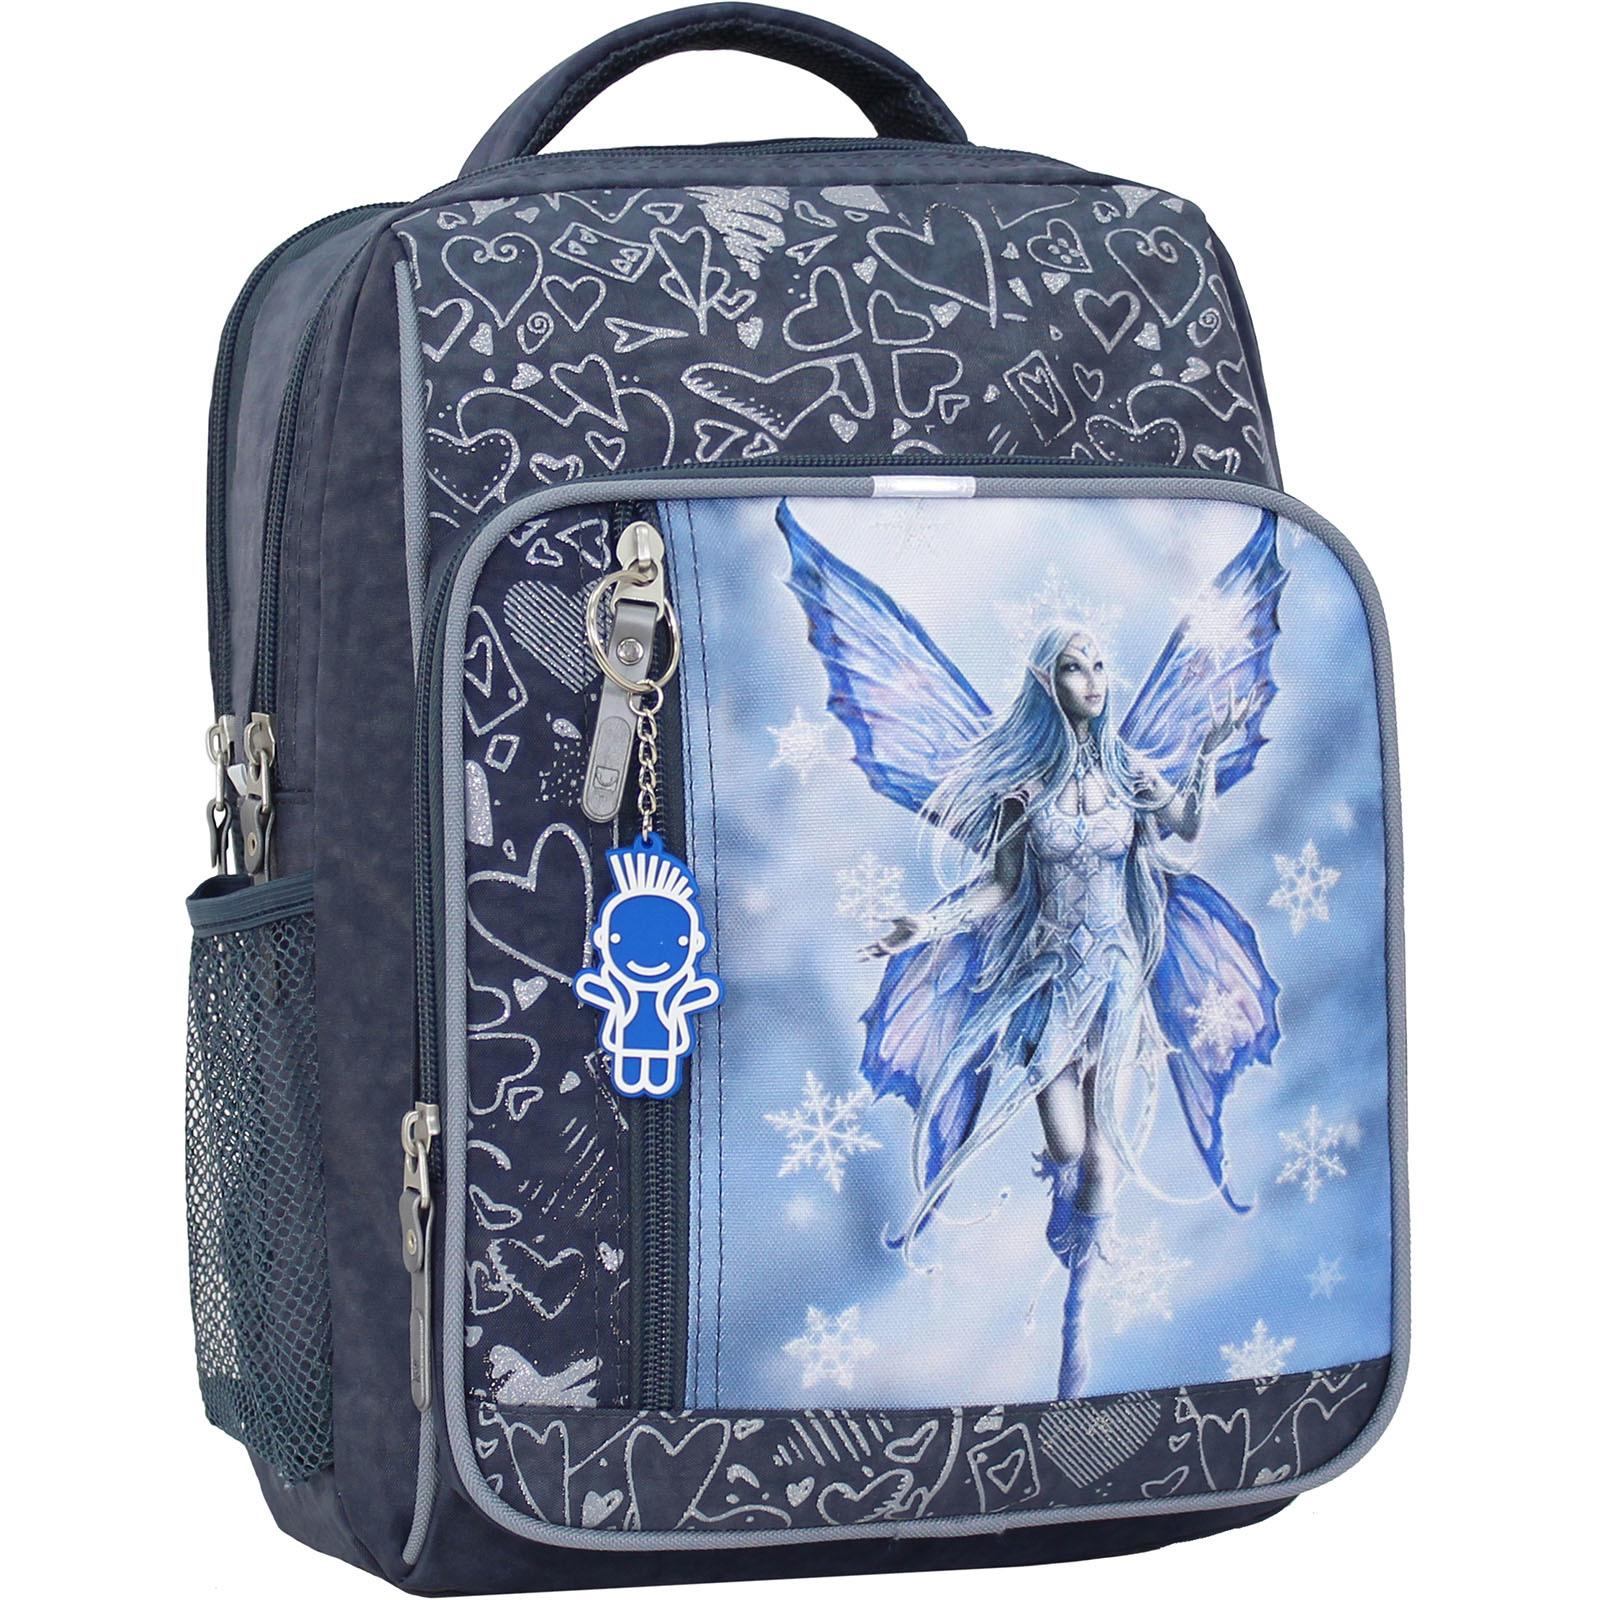 Школьные рюкзаки Рюкзак школьный Bagland Школьник 8 л. 321 сірий 94 д (00112702) IMG_9277_арт.94Д_.JPG